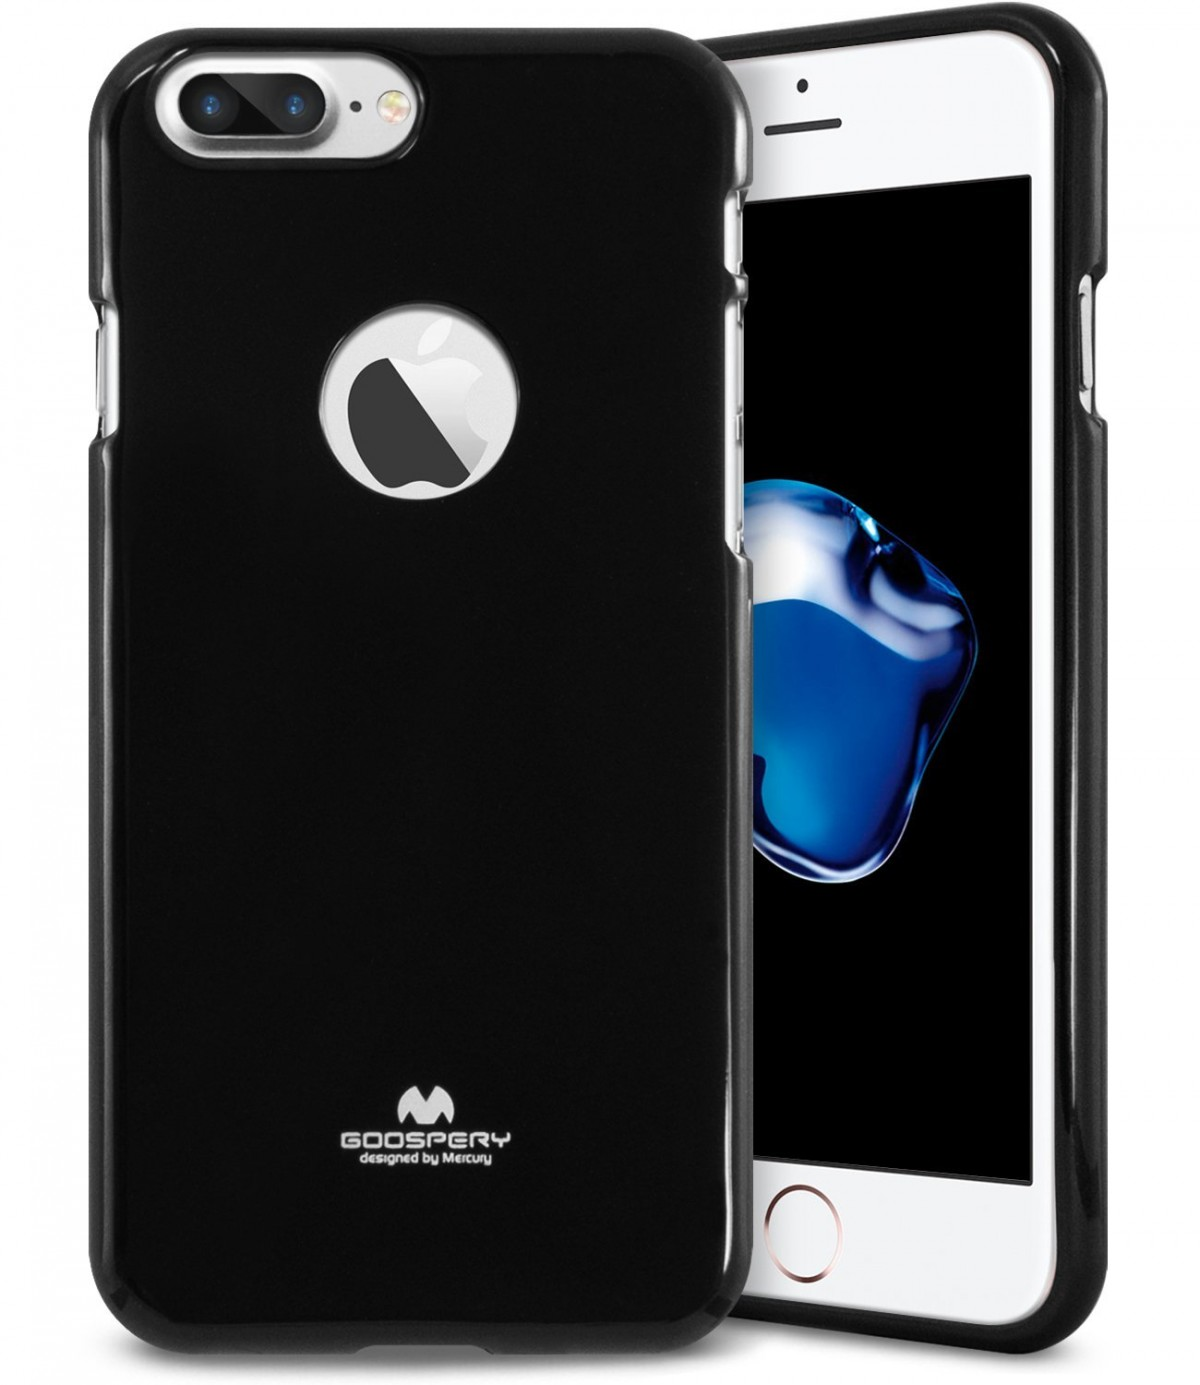 Silikonový obal / kryt Jelly od Goospery Mercury pro Apple iPhone 7 Plus - Černý / Jet Black